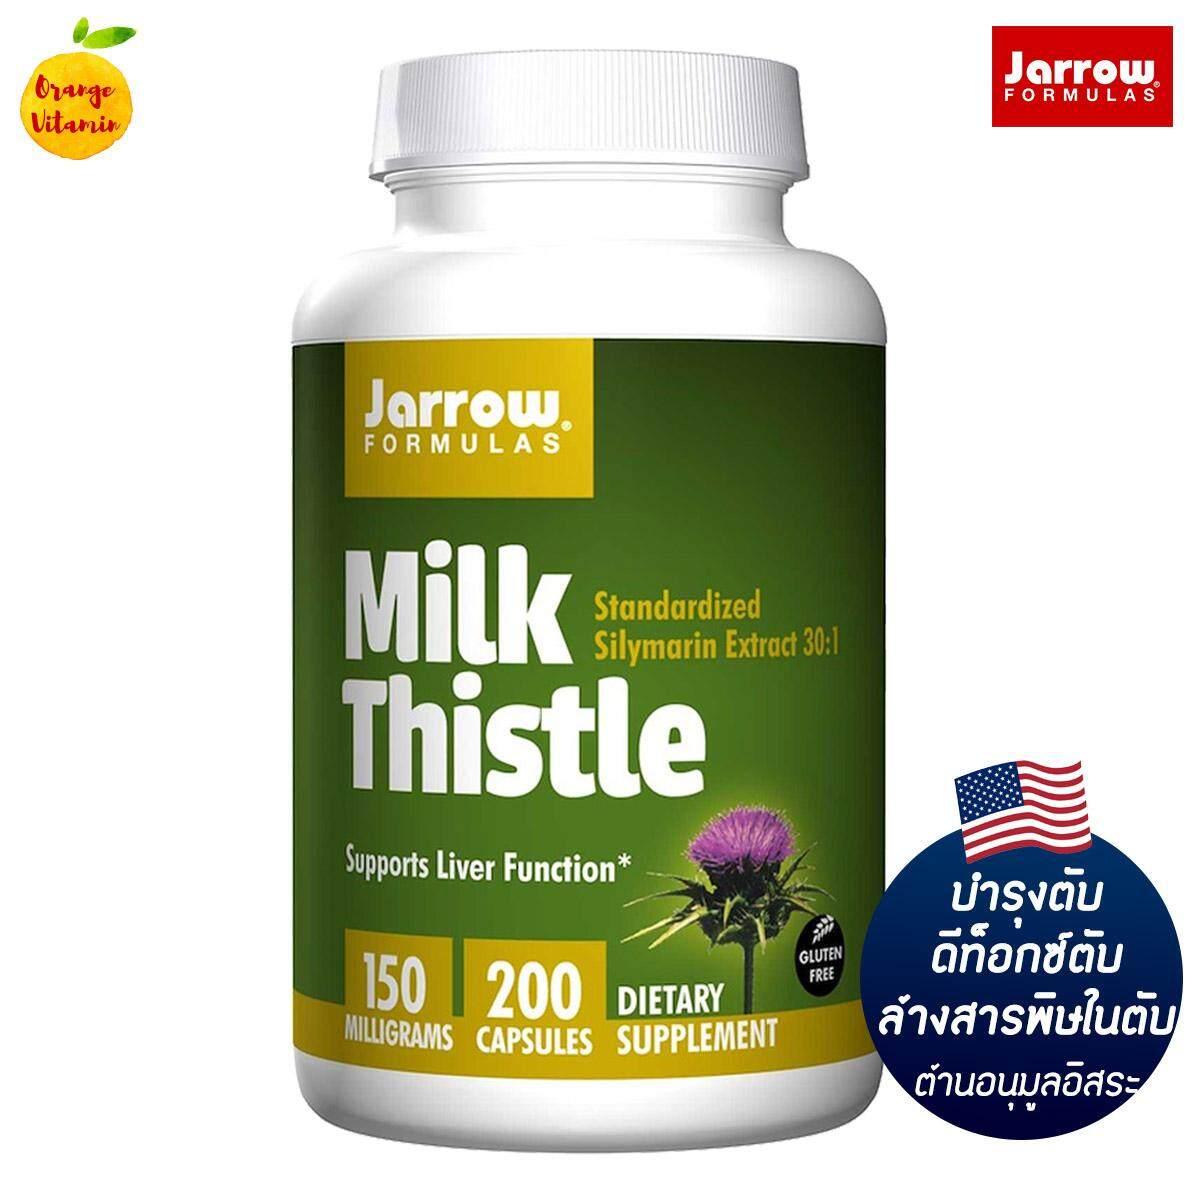 มิลค์ทิสเซิล ไซลิมาริน Jarrow Formulas, Milk Thistle, 150 Mg, 200 Veggie Caps บำรุงตับ ดีท๊อกซ์ตับ ล้างสารพิษในตับ ป้องกันตับเสื่อม ต่อต้านอนุมูลอิสระ.